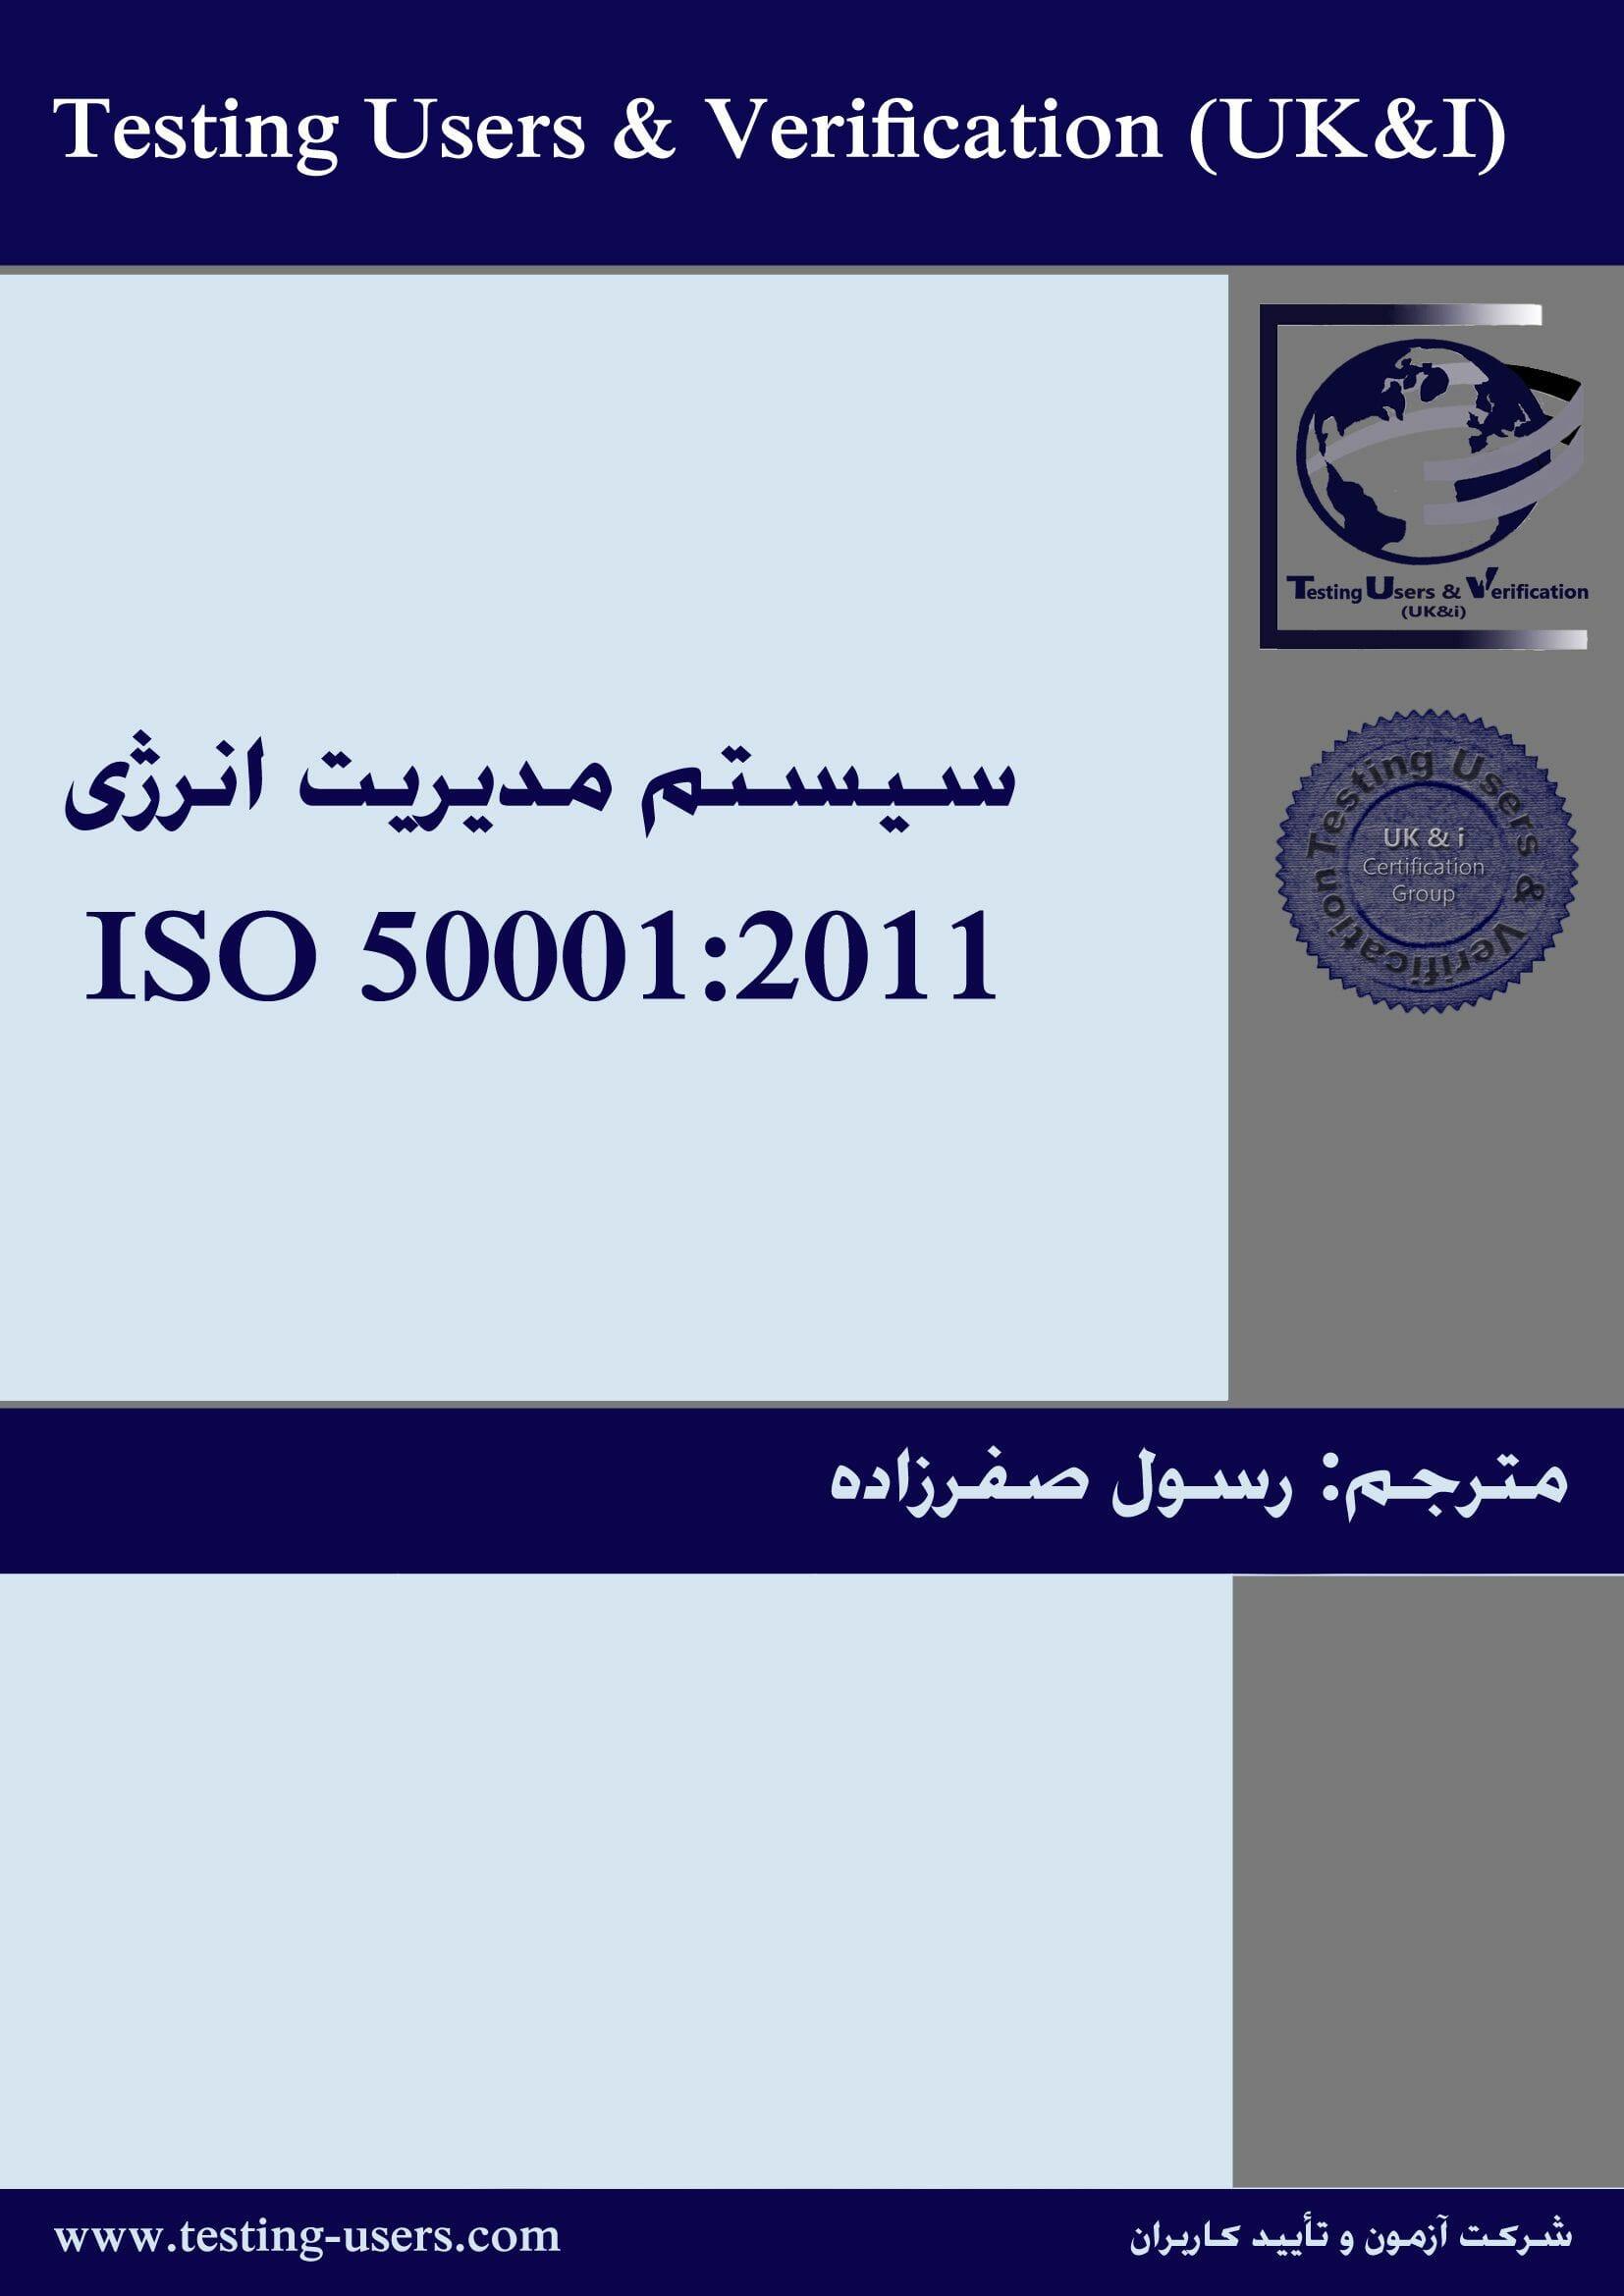 دانلود متن استاندارد ایزو ۵۰۰۰۱